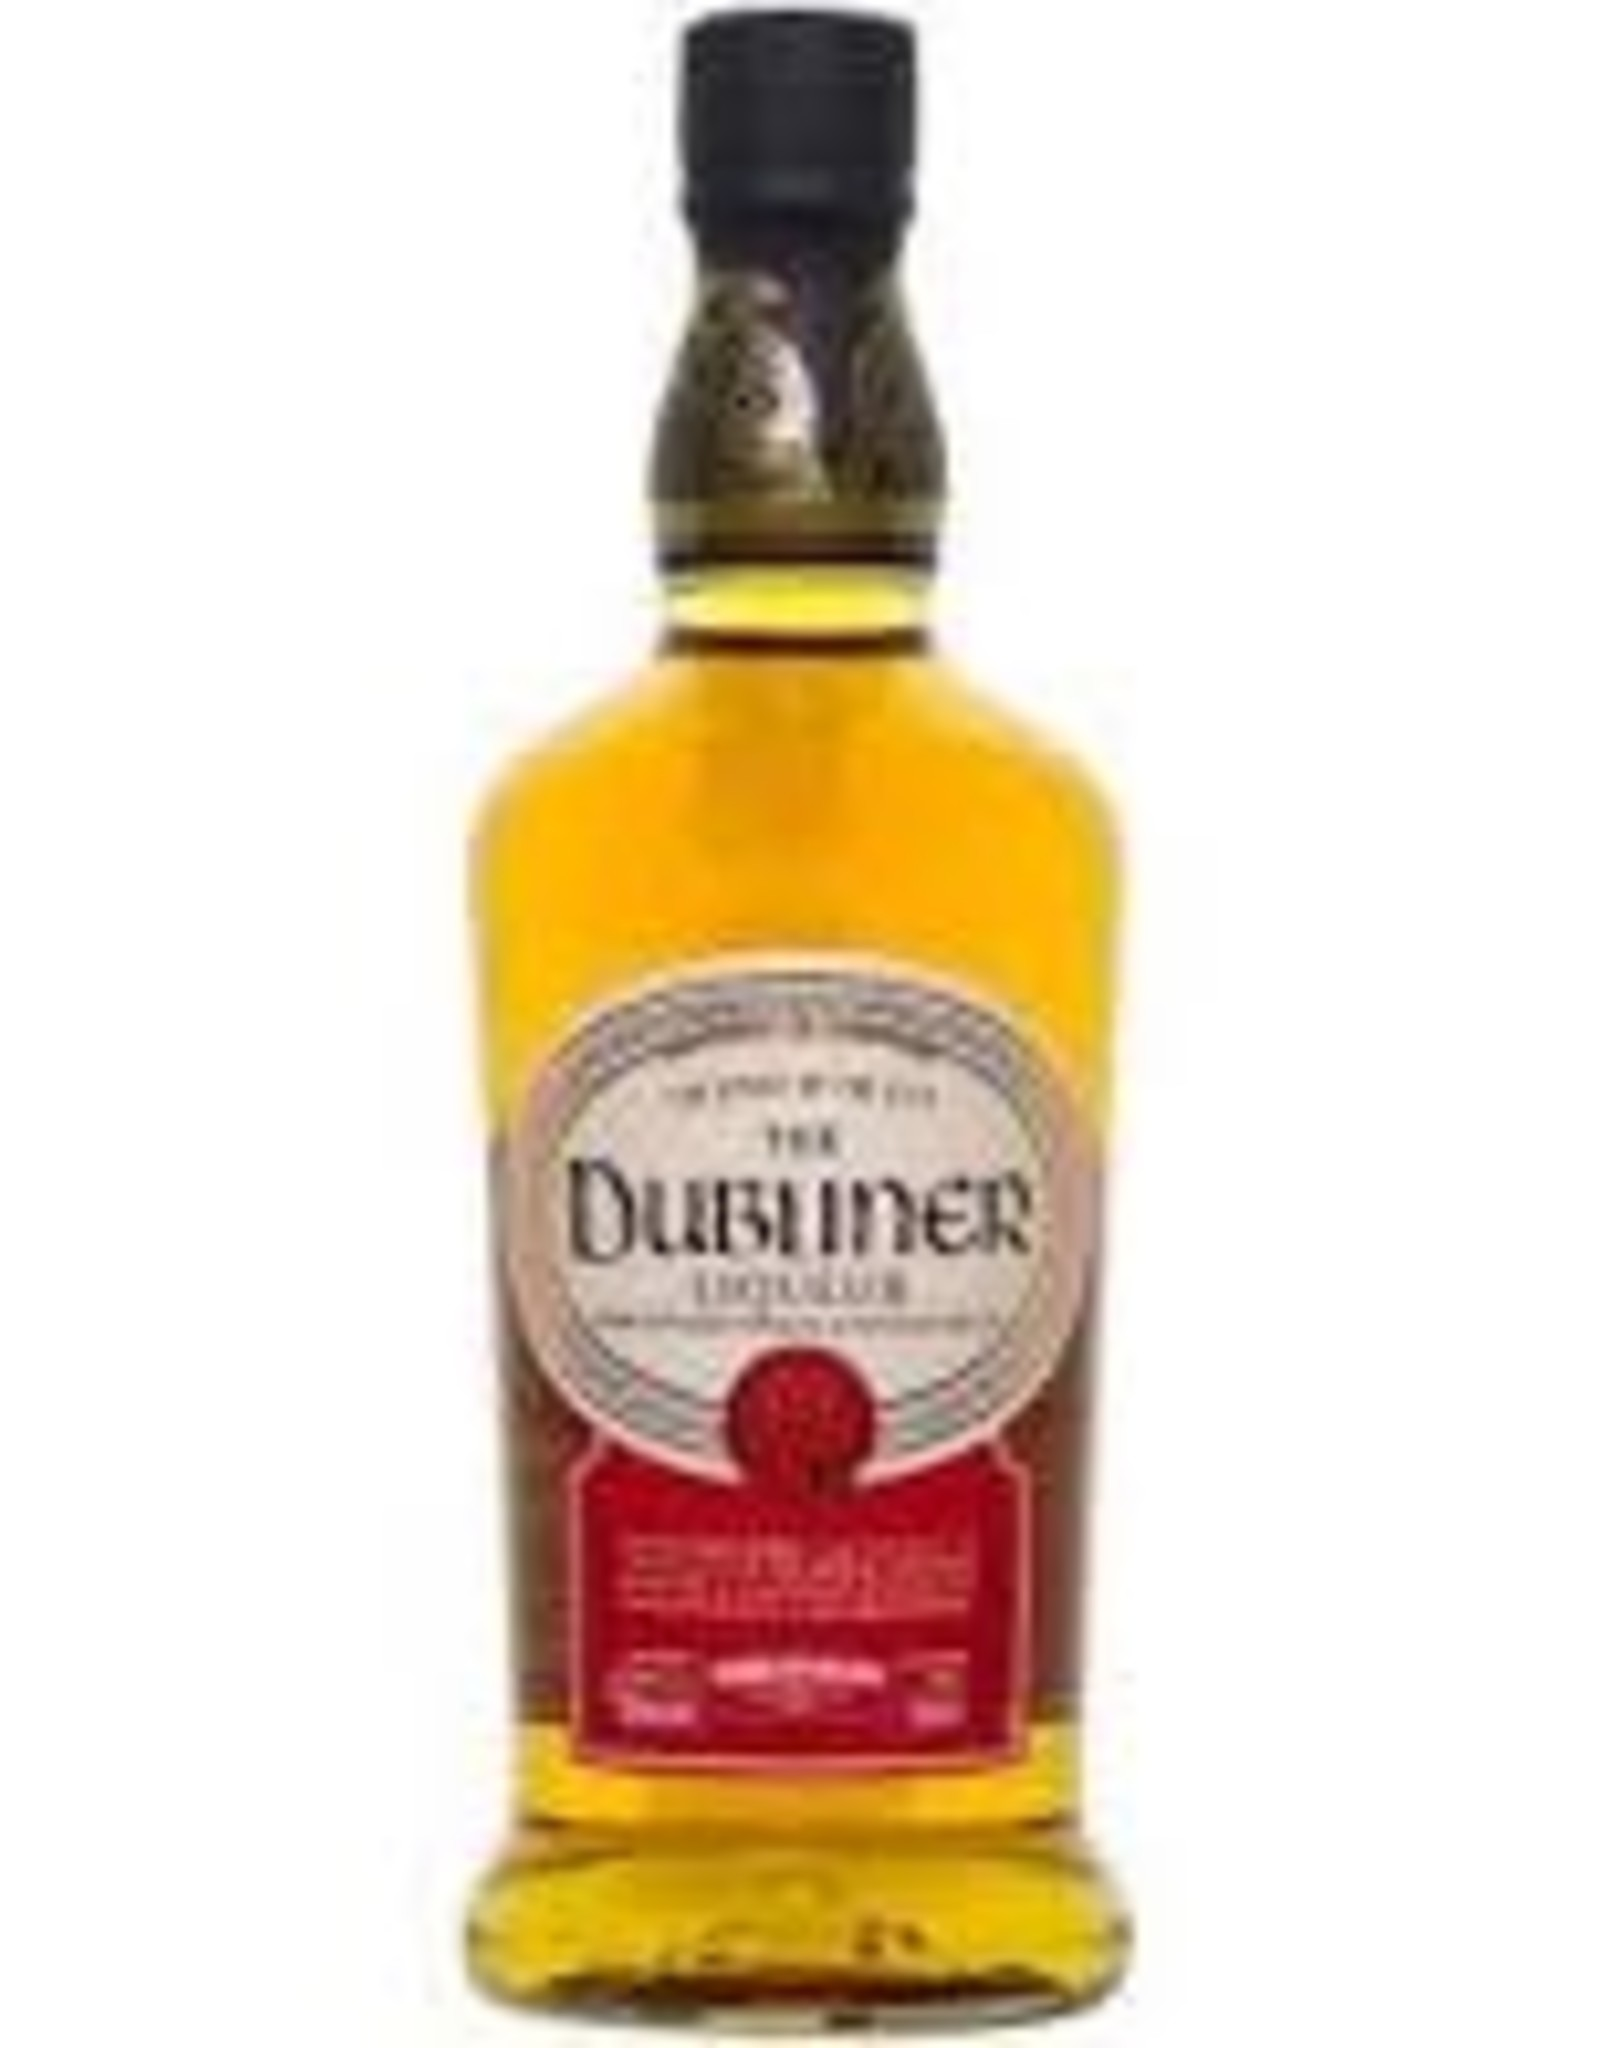 DUBLINER IRISH WHISKEY RED 750ML